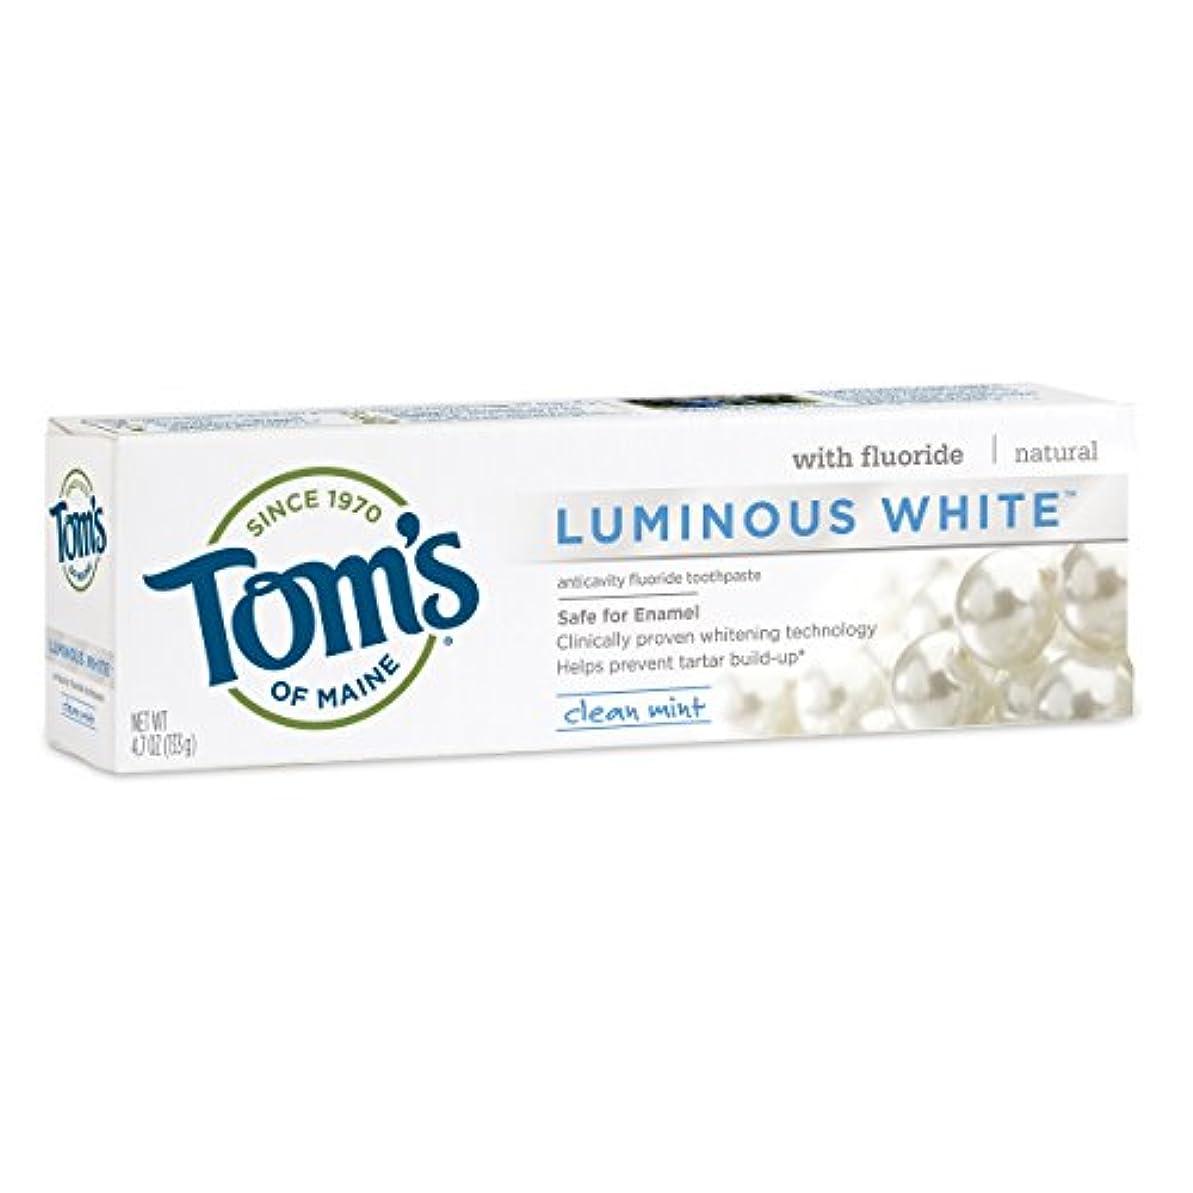 サイト引き受ける漏れTom's of Maine Luminous White Whitening Natural Toothpaste, Clean Mint, 4.7 Ounトムズルミナスホワイト